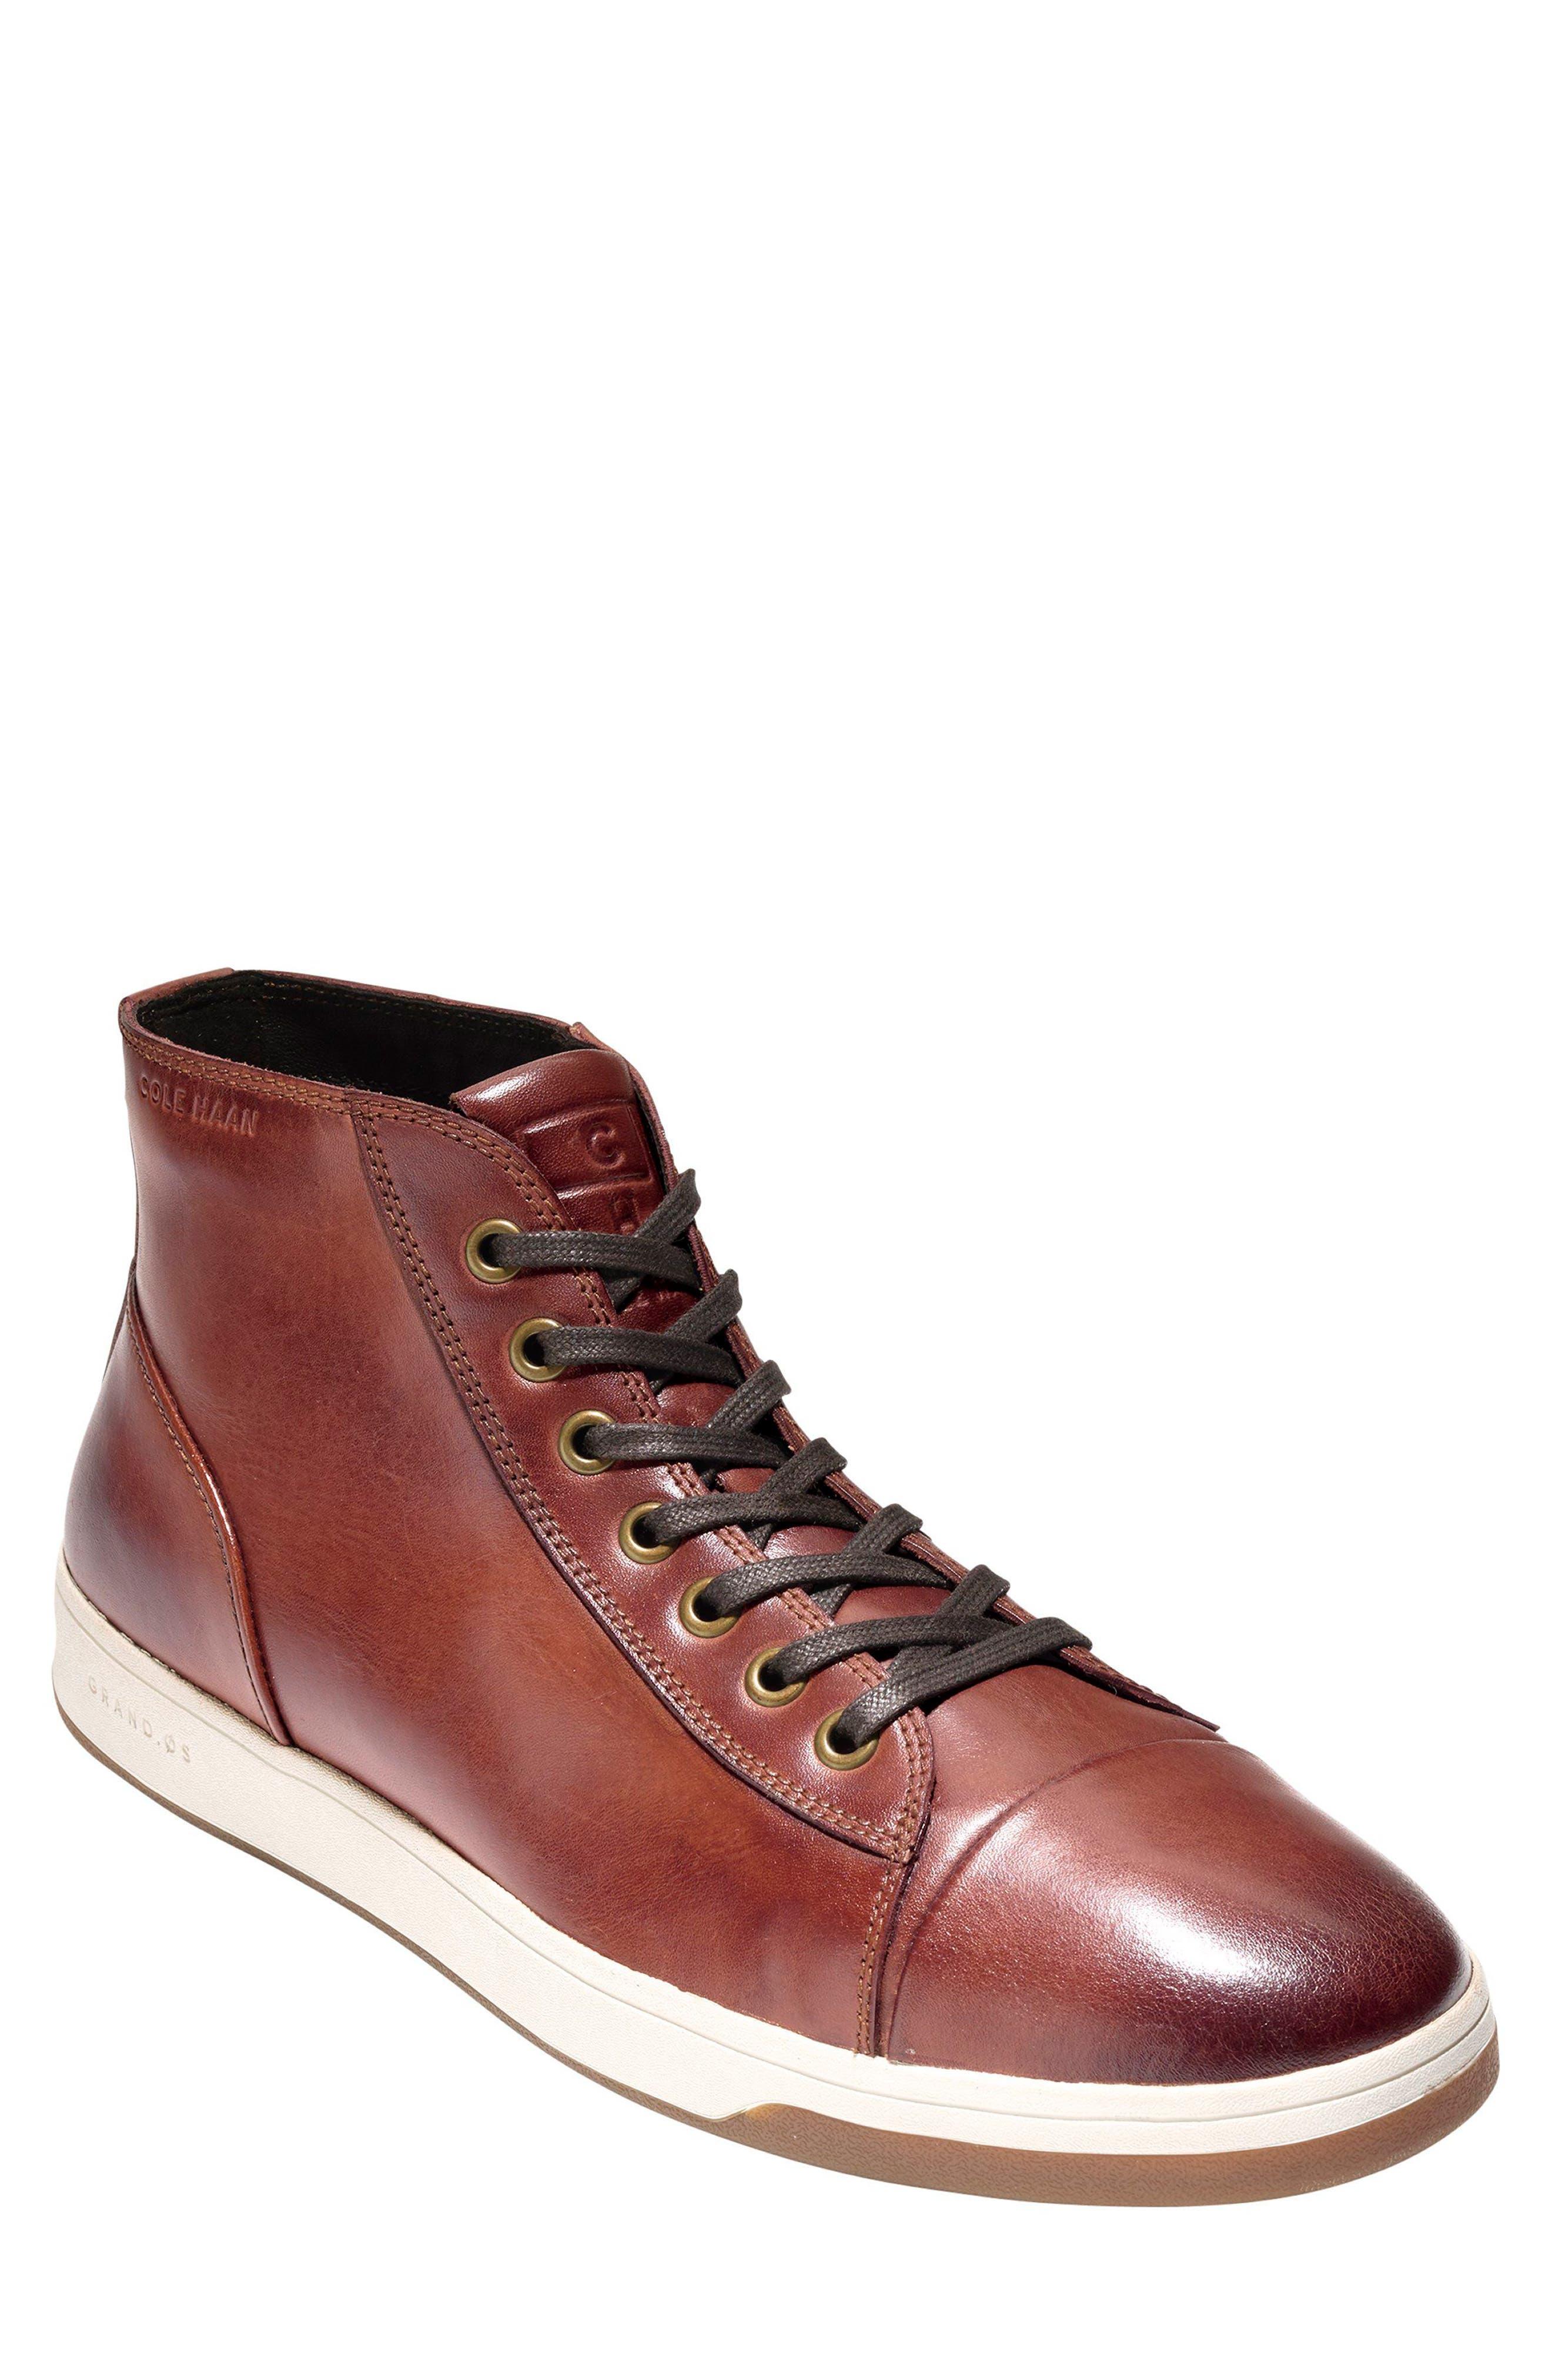 Cole Haan GrandPro High Top Sneaker (Men)